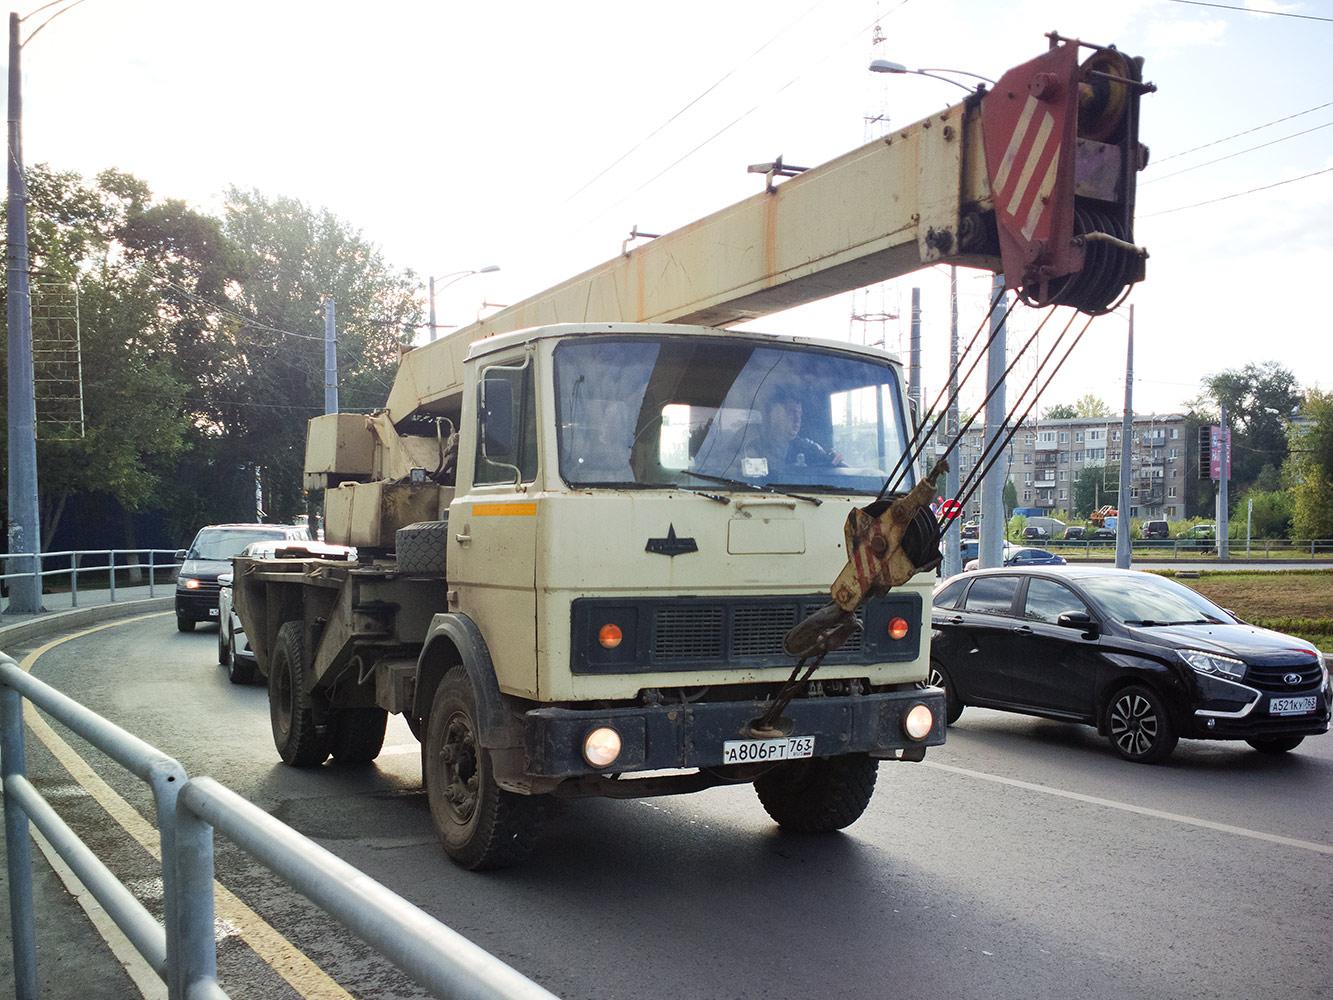 автокран КС-3577 на шасси МАЗ-5337 #А806РТ763. г. Самара, Московское шоссе